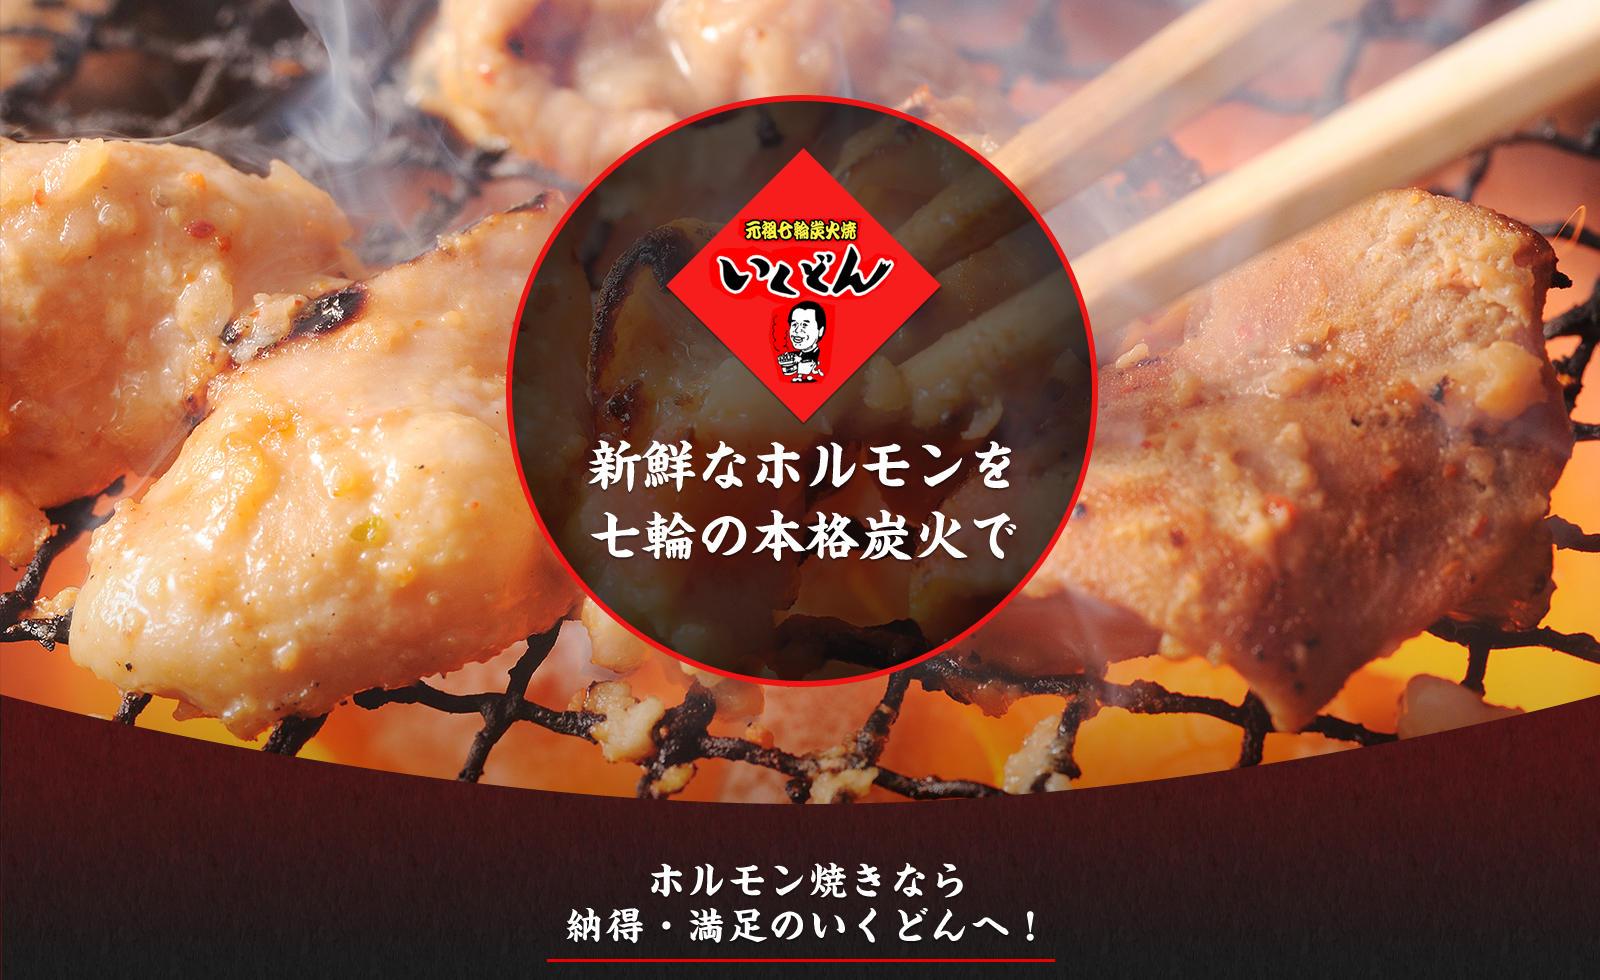 新鮮ホルモン炭火焼・元祖七輪炭火焼肉|いくどん柿生店・町田木曽店トップ画像